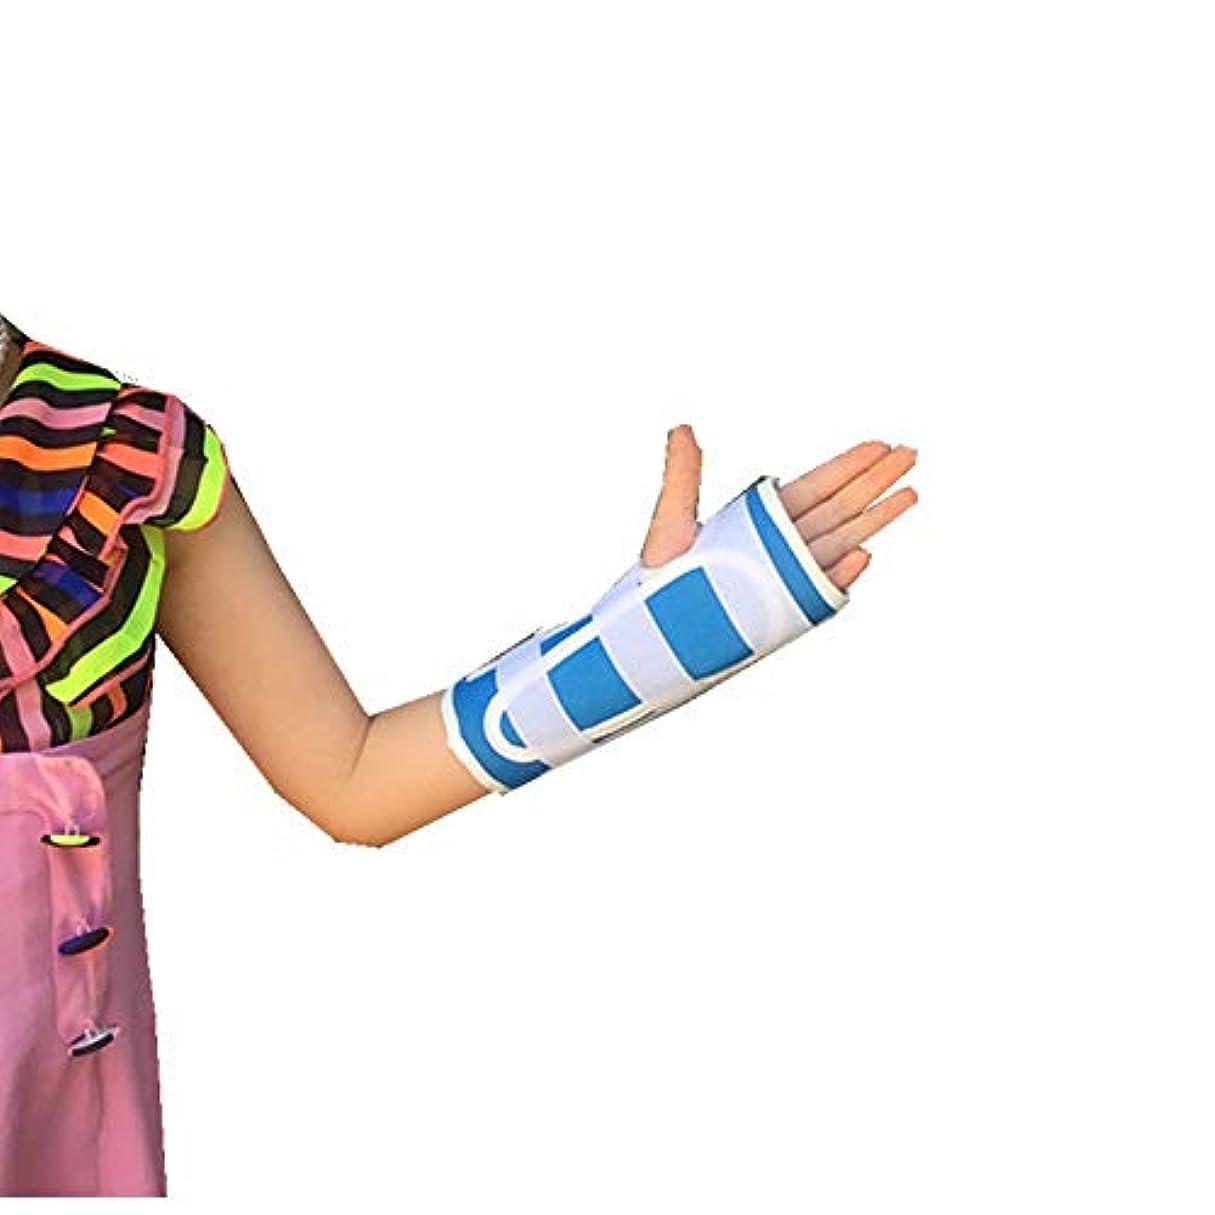 マインドフル百科事典充電ZYL-YL 子供の手関節手首骨折手首捻挫骨折保護具通気性は内蔵アルミ合金シース (Edition : Right)